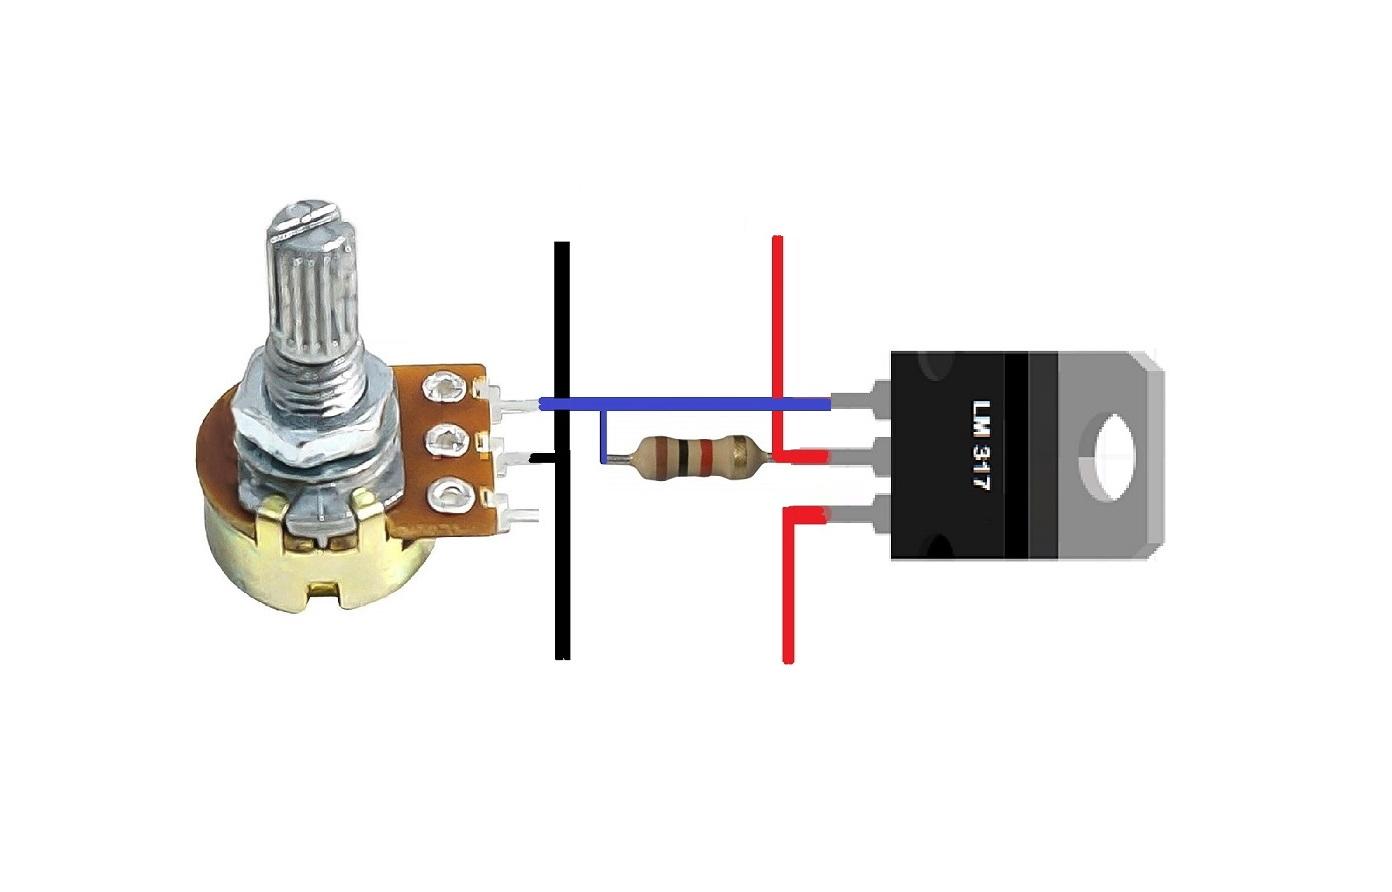 رگولاتور ولتاژ متغیر چیست و چگونه کار میکند؟ | به زبان ساده